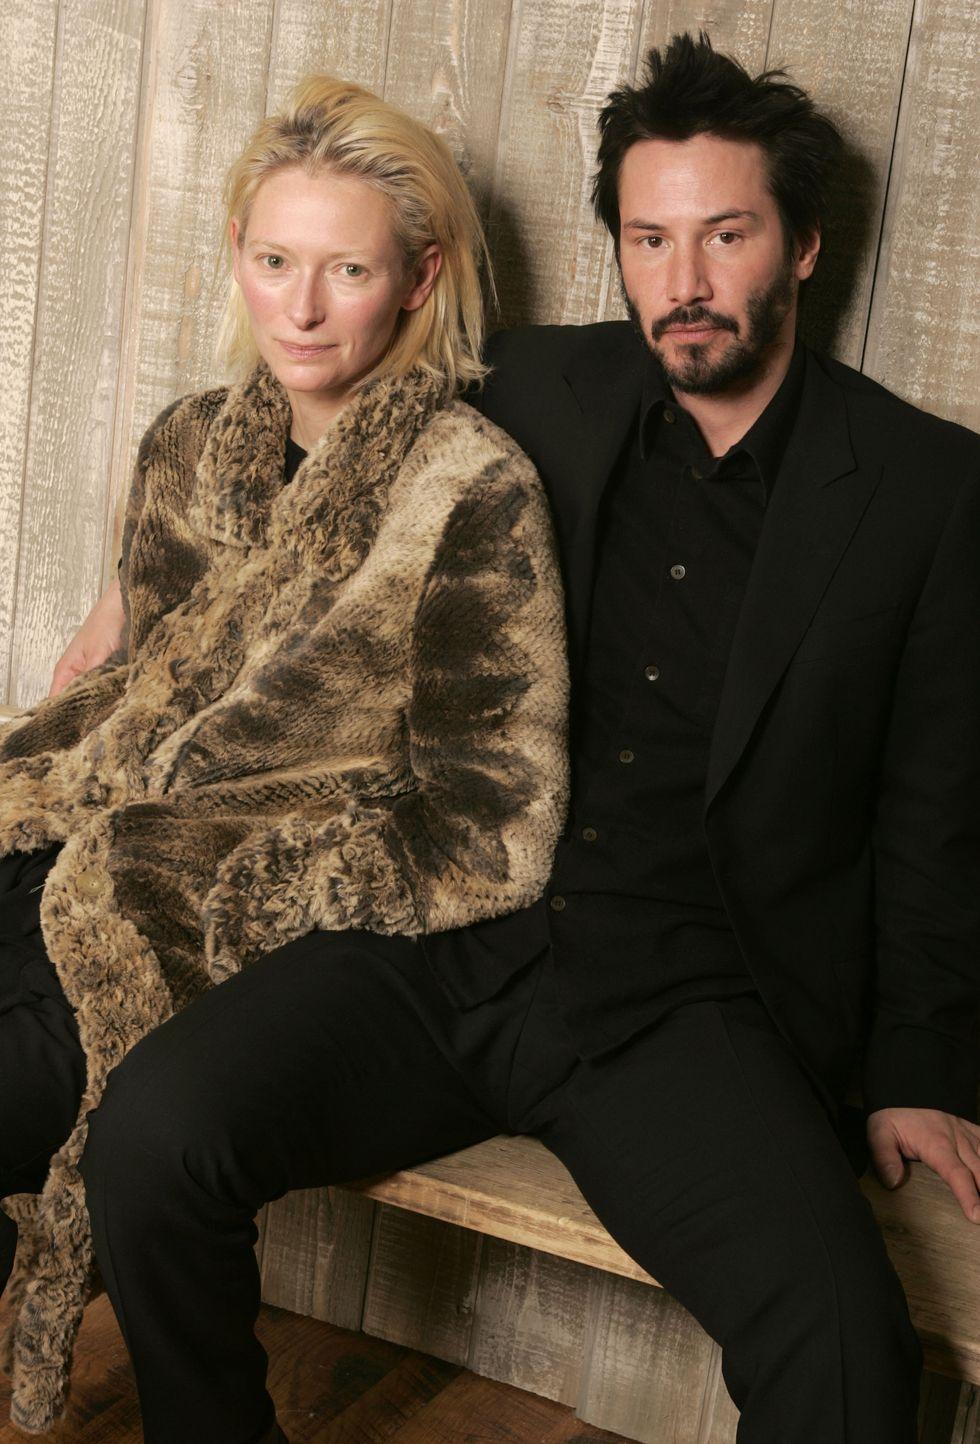 Tilda Swintonnal, akivel a Constantine, a démonvadász-ban játszottak együtt 2005-ben